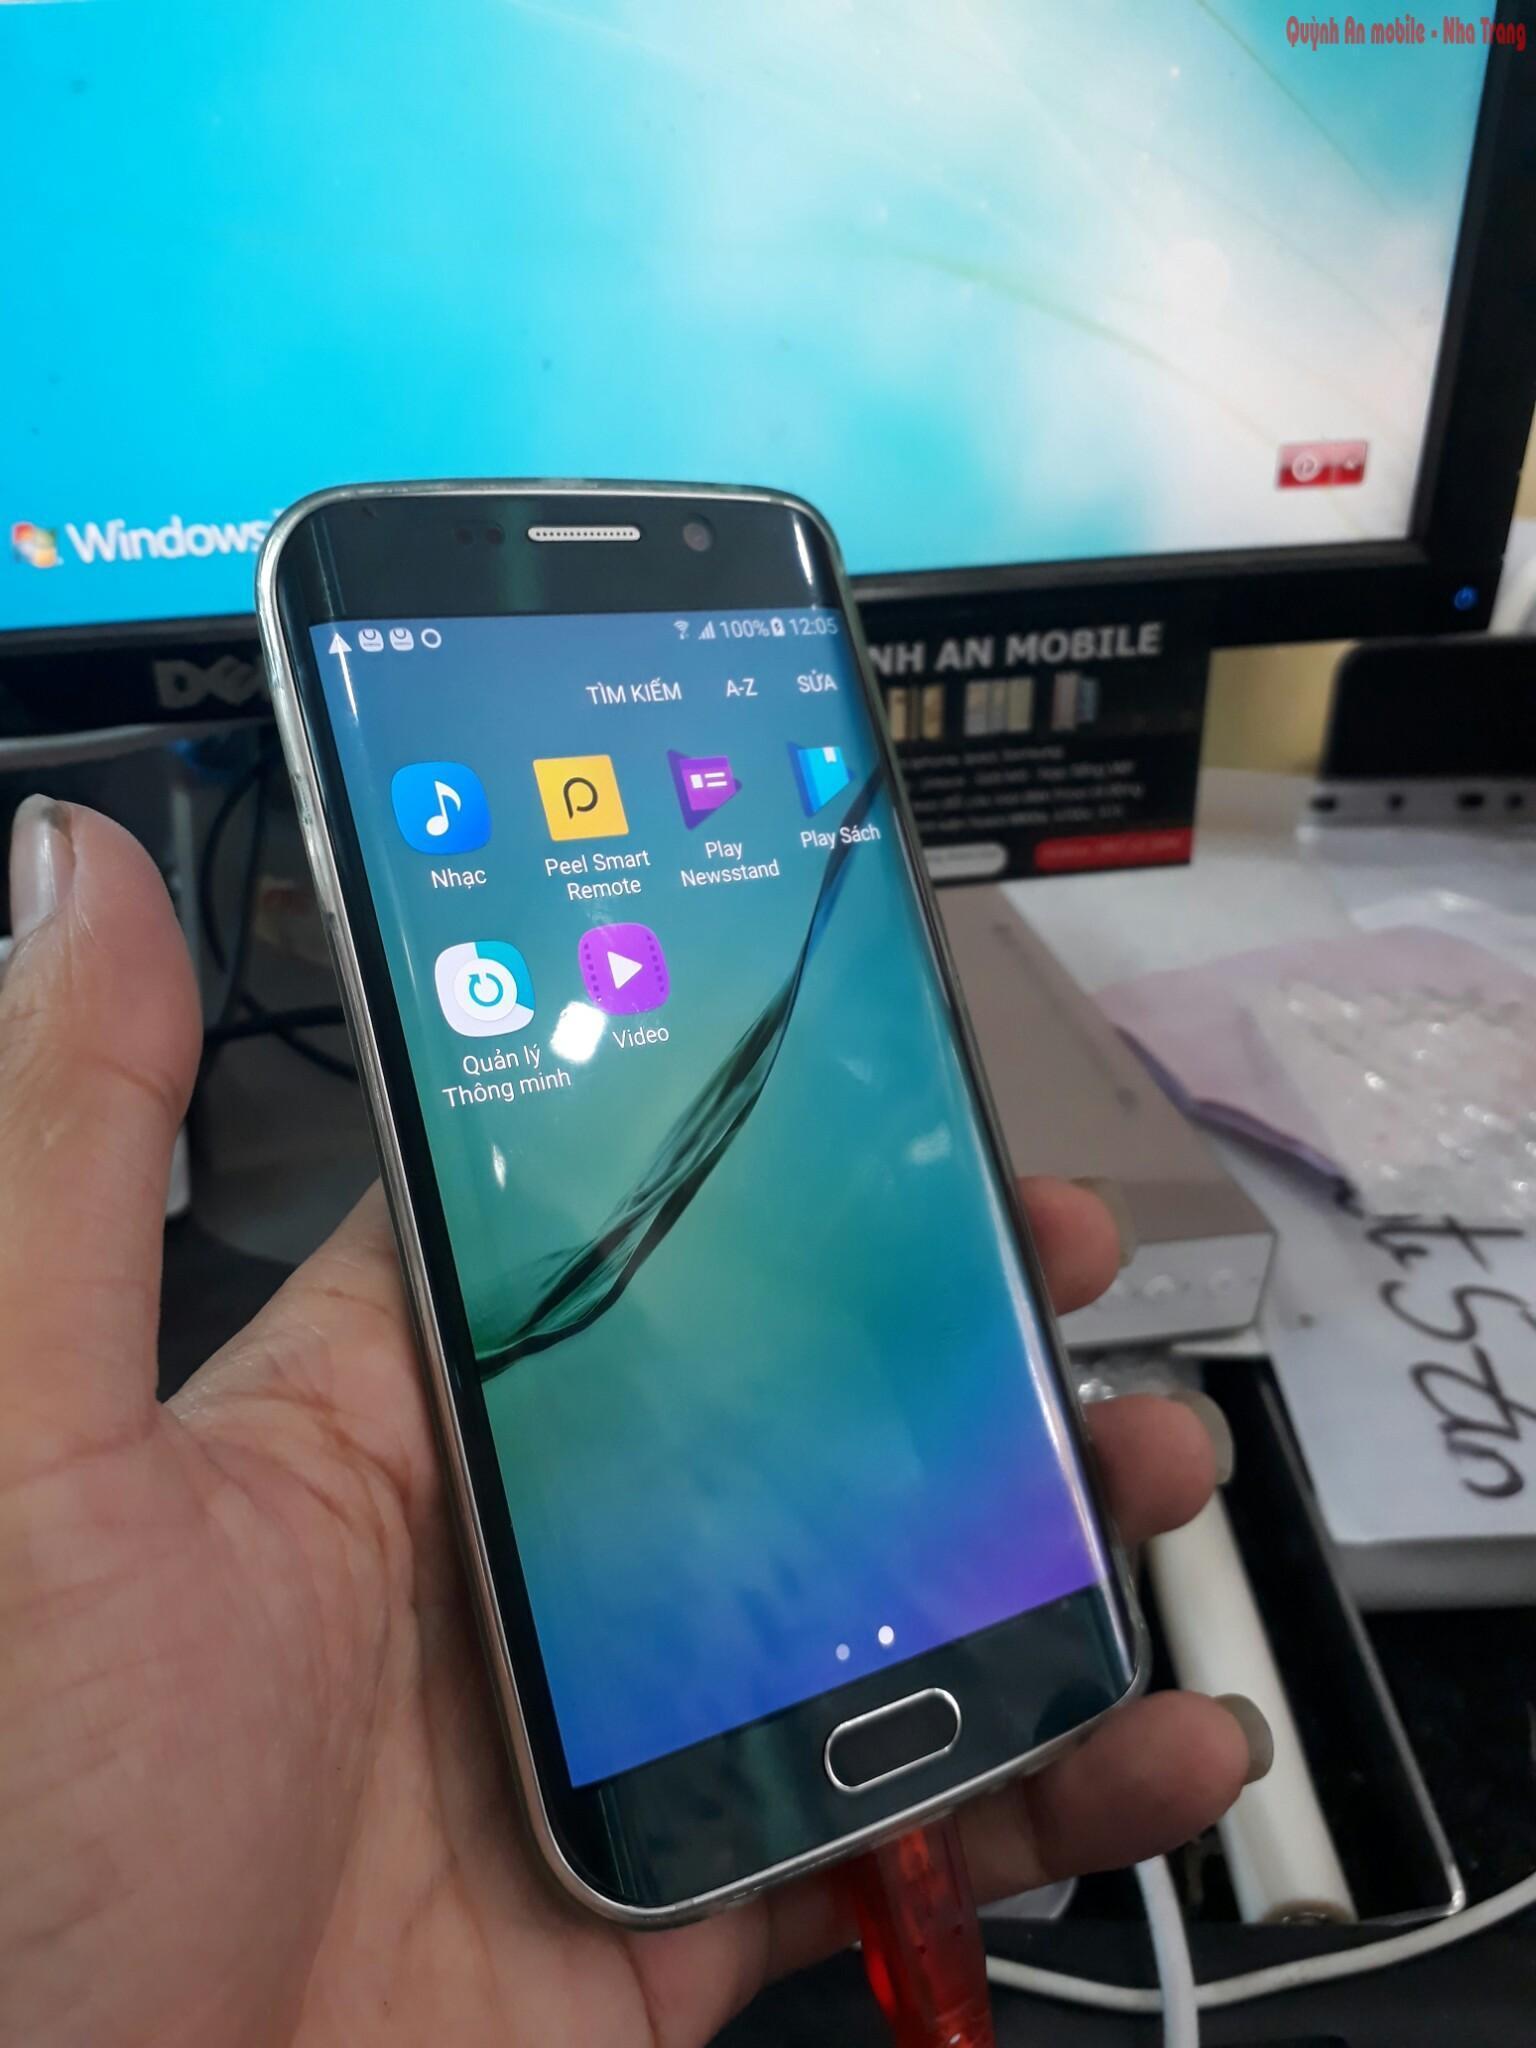 Máy Samsung galaxy S6 edge SC-04G xách tay về đã được nạp tiếng Việt sử dụng như máy quốc tế và được Việt hóa hoàn toàn